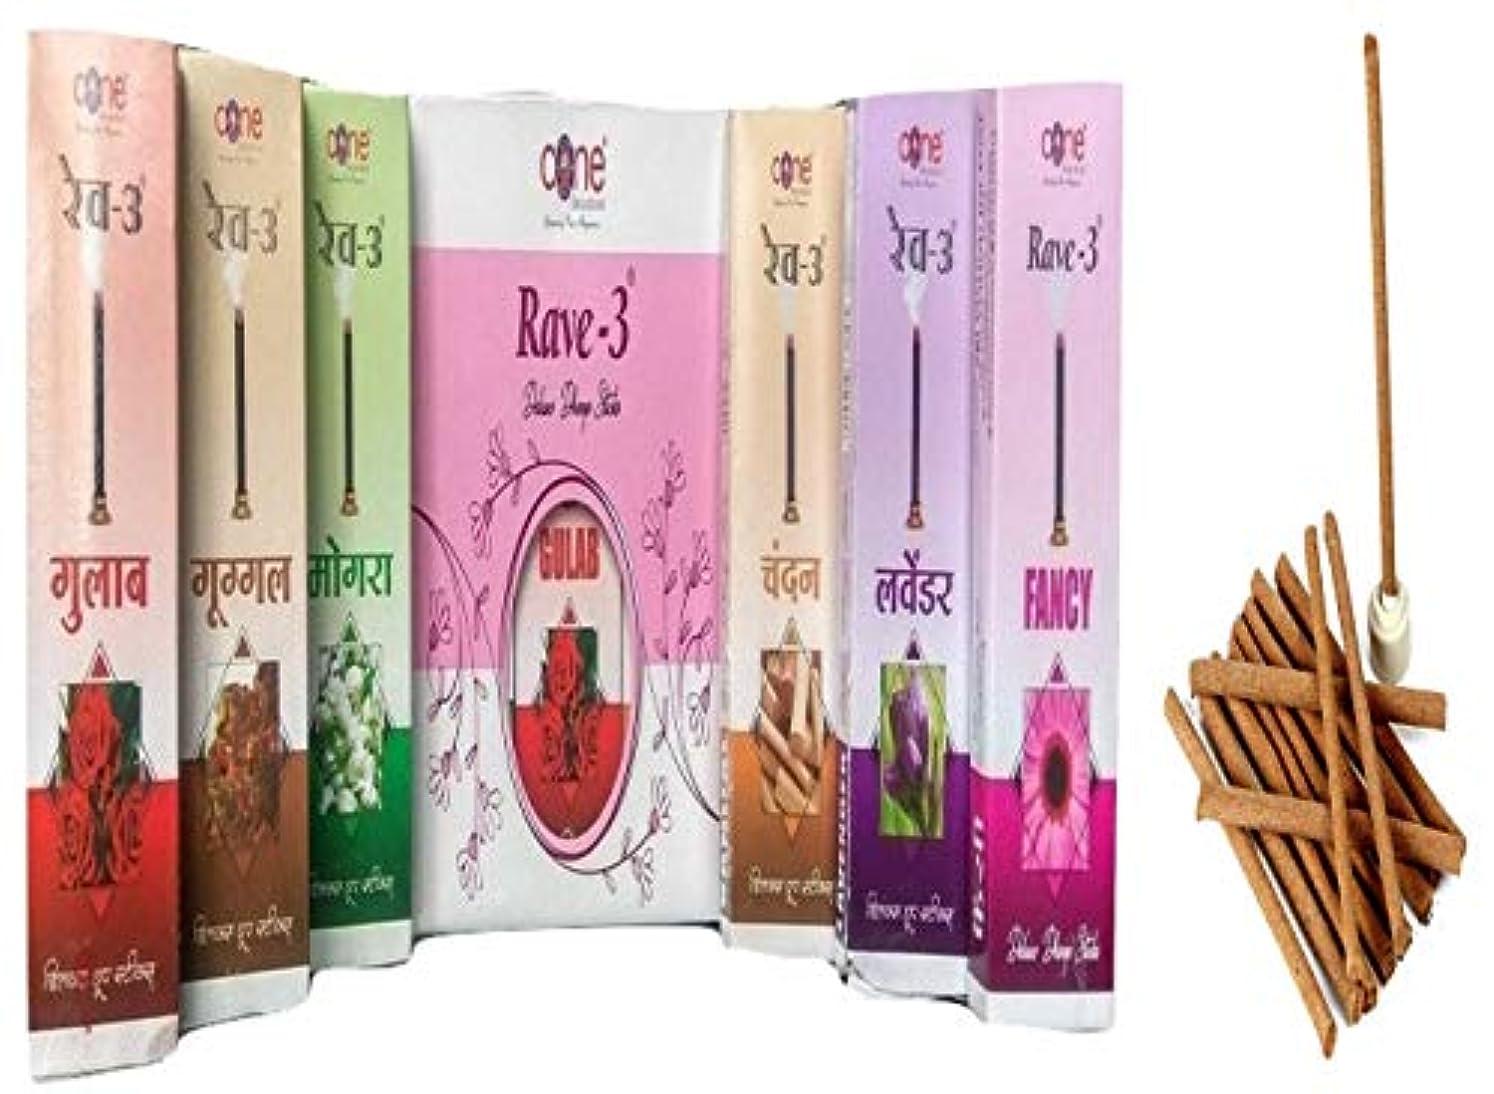 アウター民主主義有毒Rave-3 Deluxe Dhoop Sticks (Pack of 12=120 Sticks)